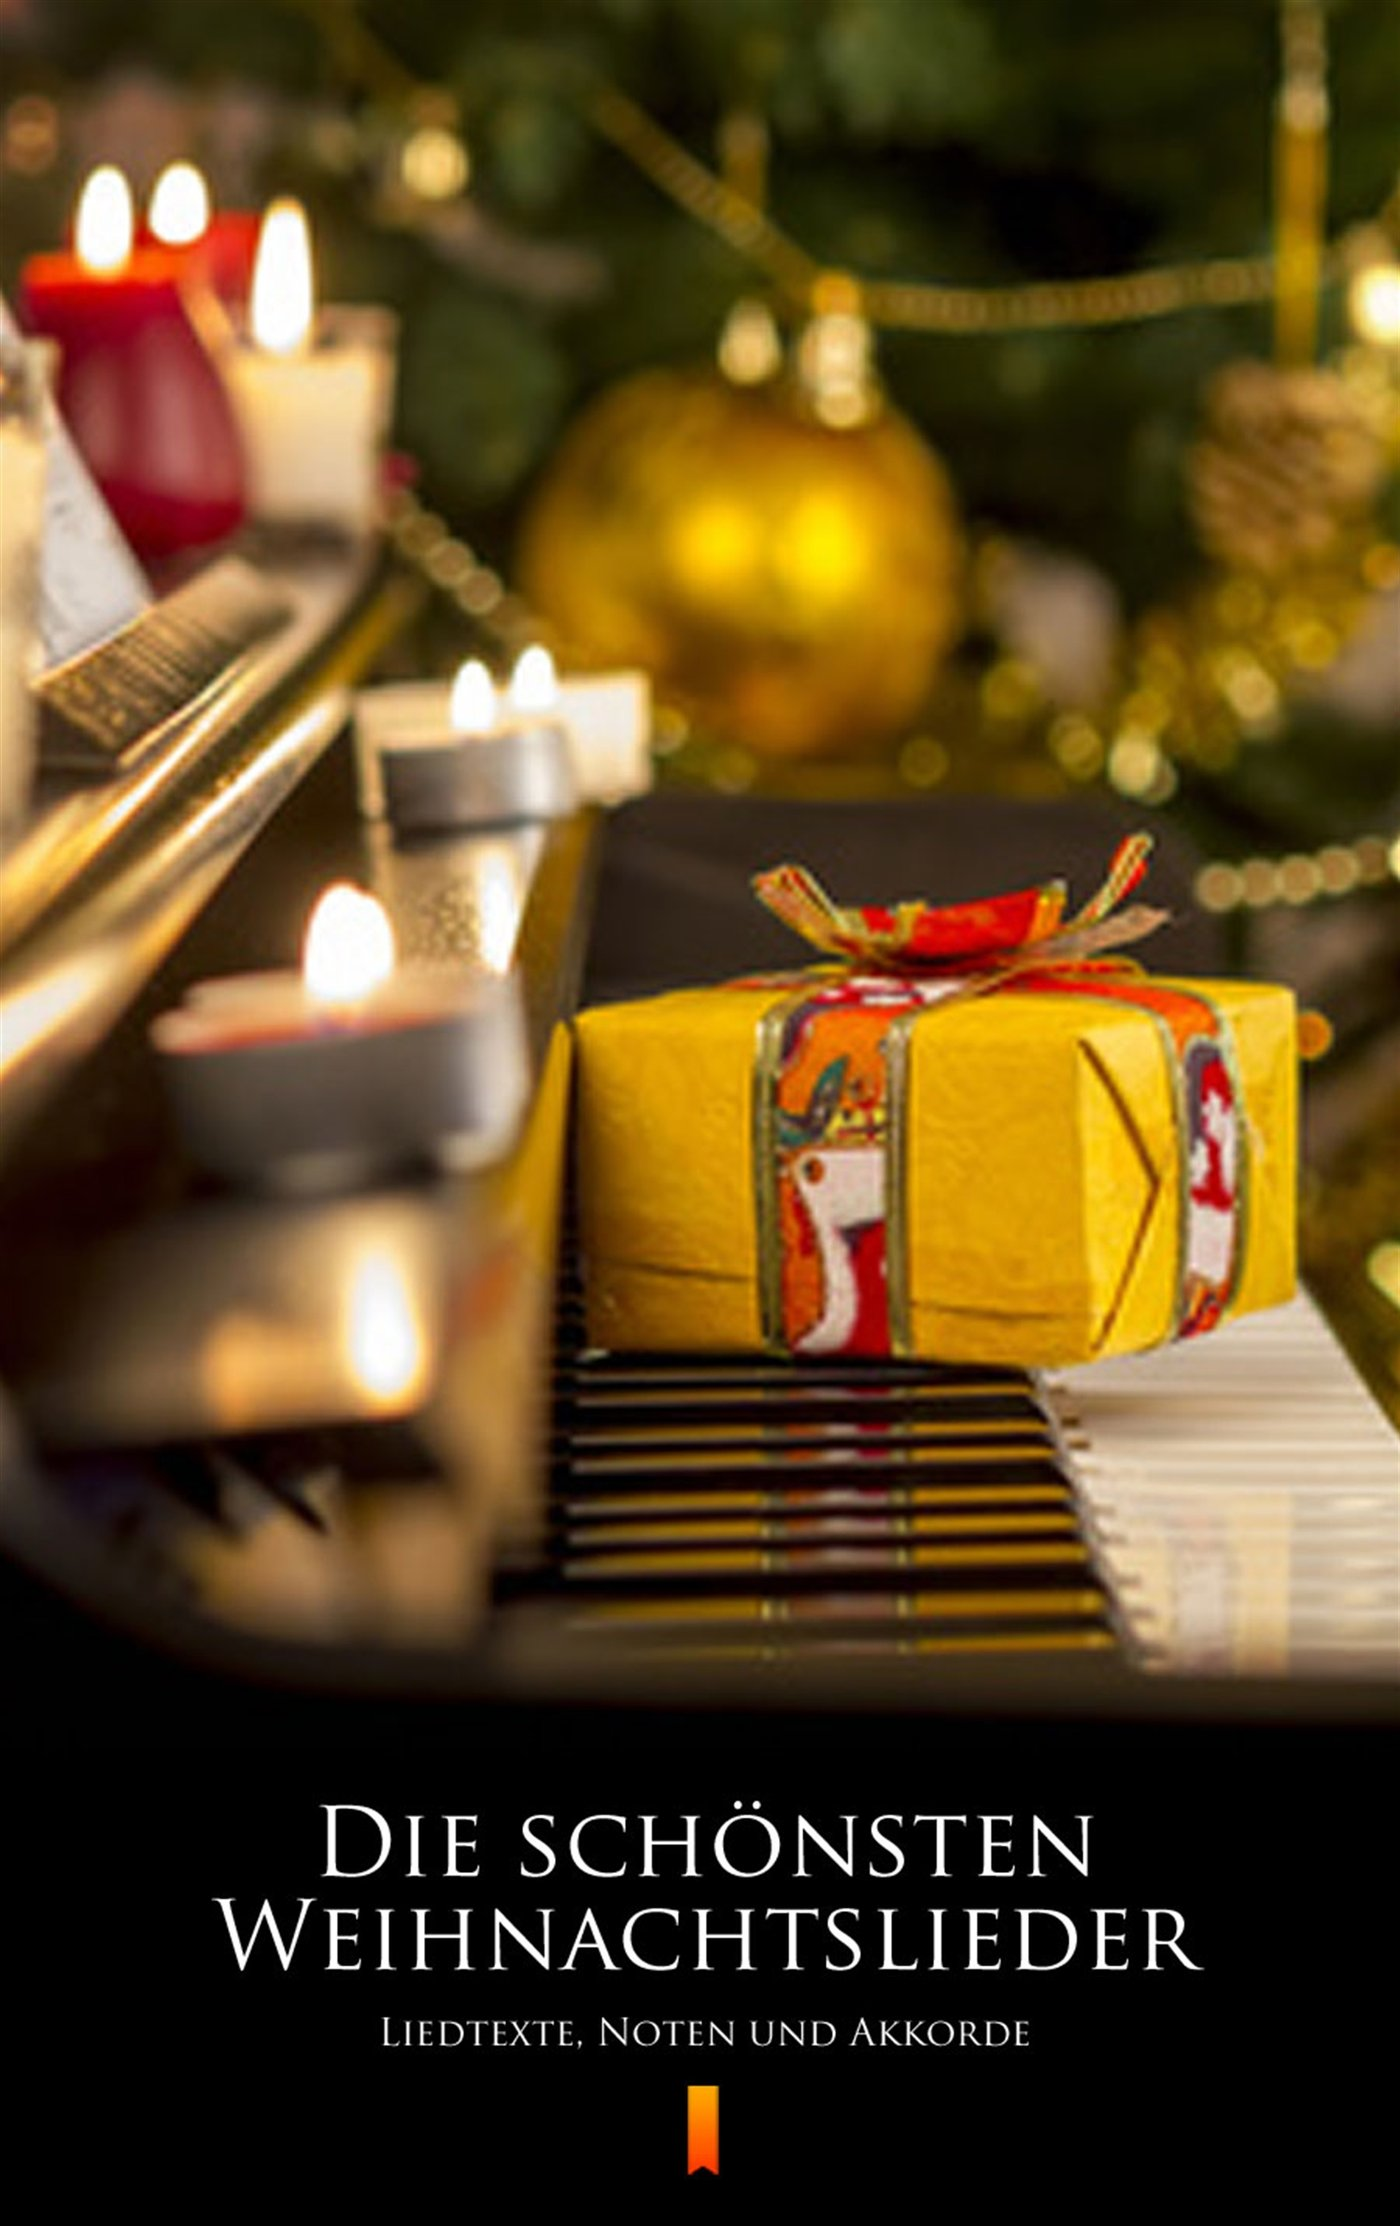 Die schonsten Weihnachtslieder - Ebook (Książka EPUB) do pobrania w formacie EPUB